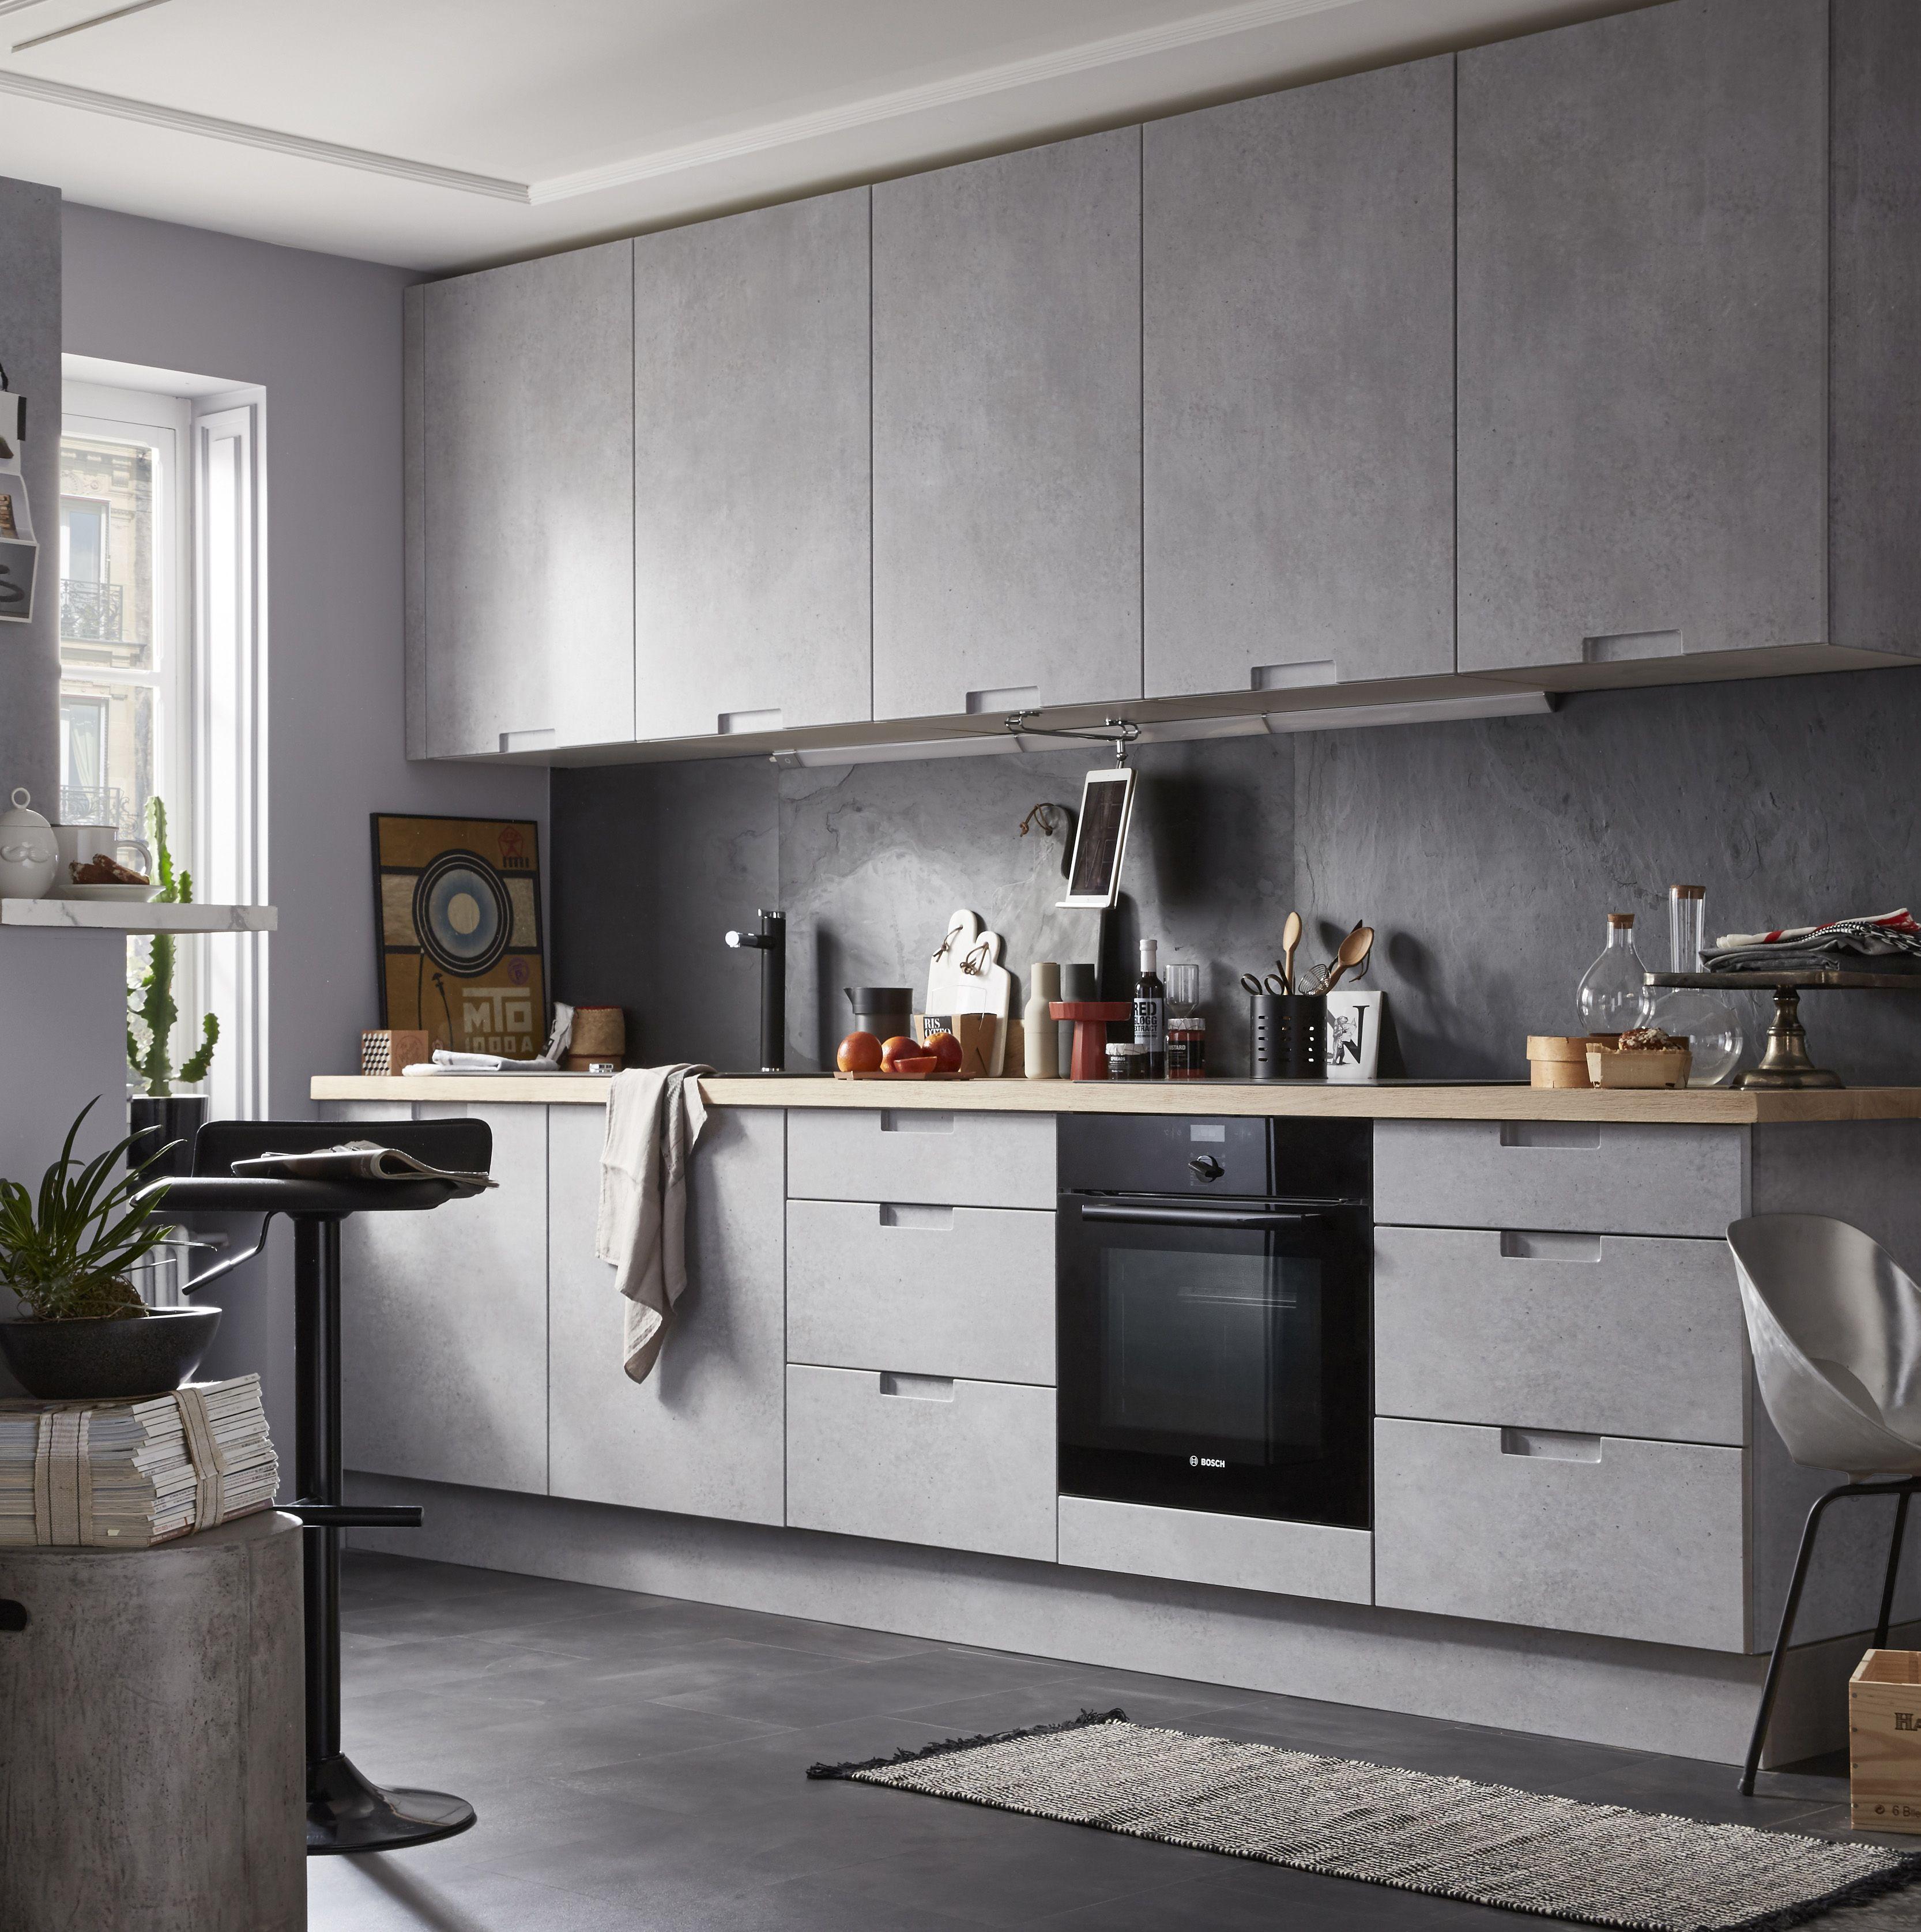 Cuisine moderne effet beton gris equip e mod le delinia for Cuisine equipee ouverte